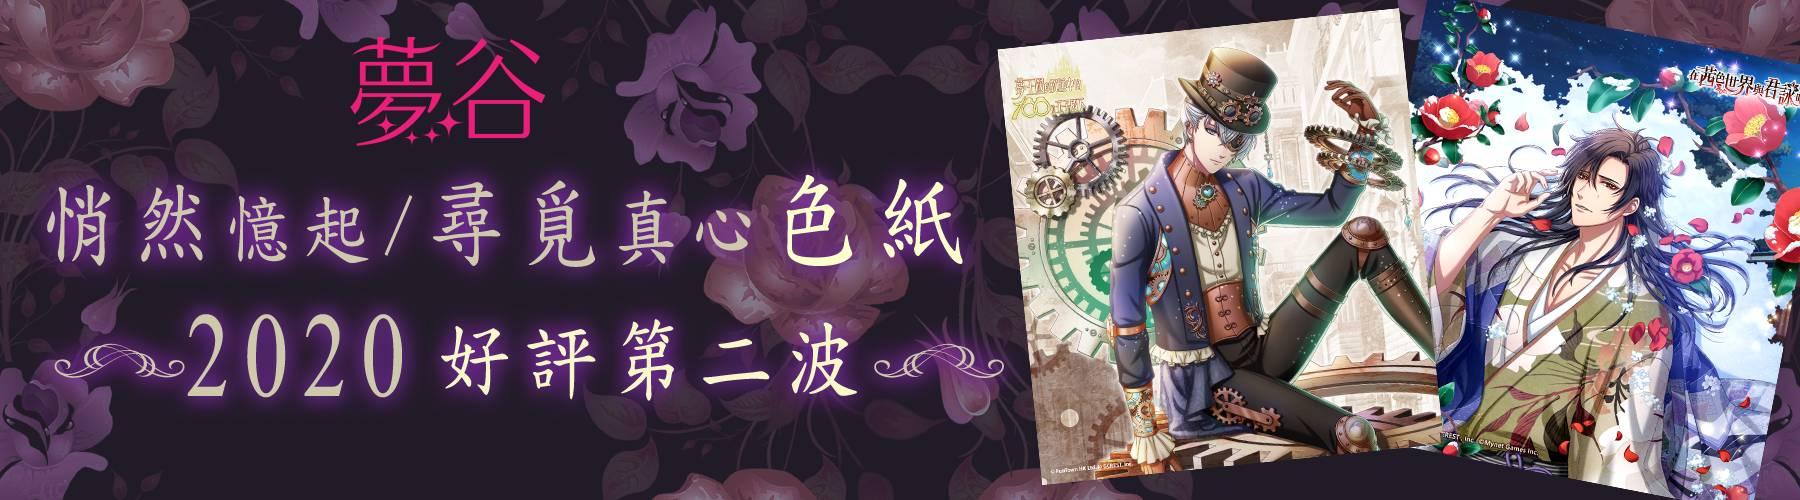 夢谷平台攜手《夢100》《茜色》邀你與本命甜蜜過七夕